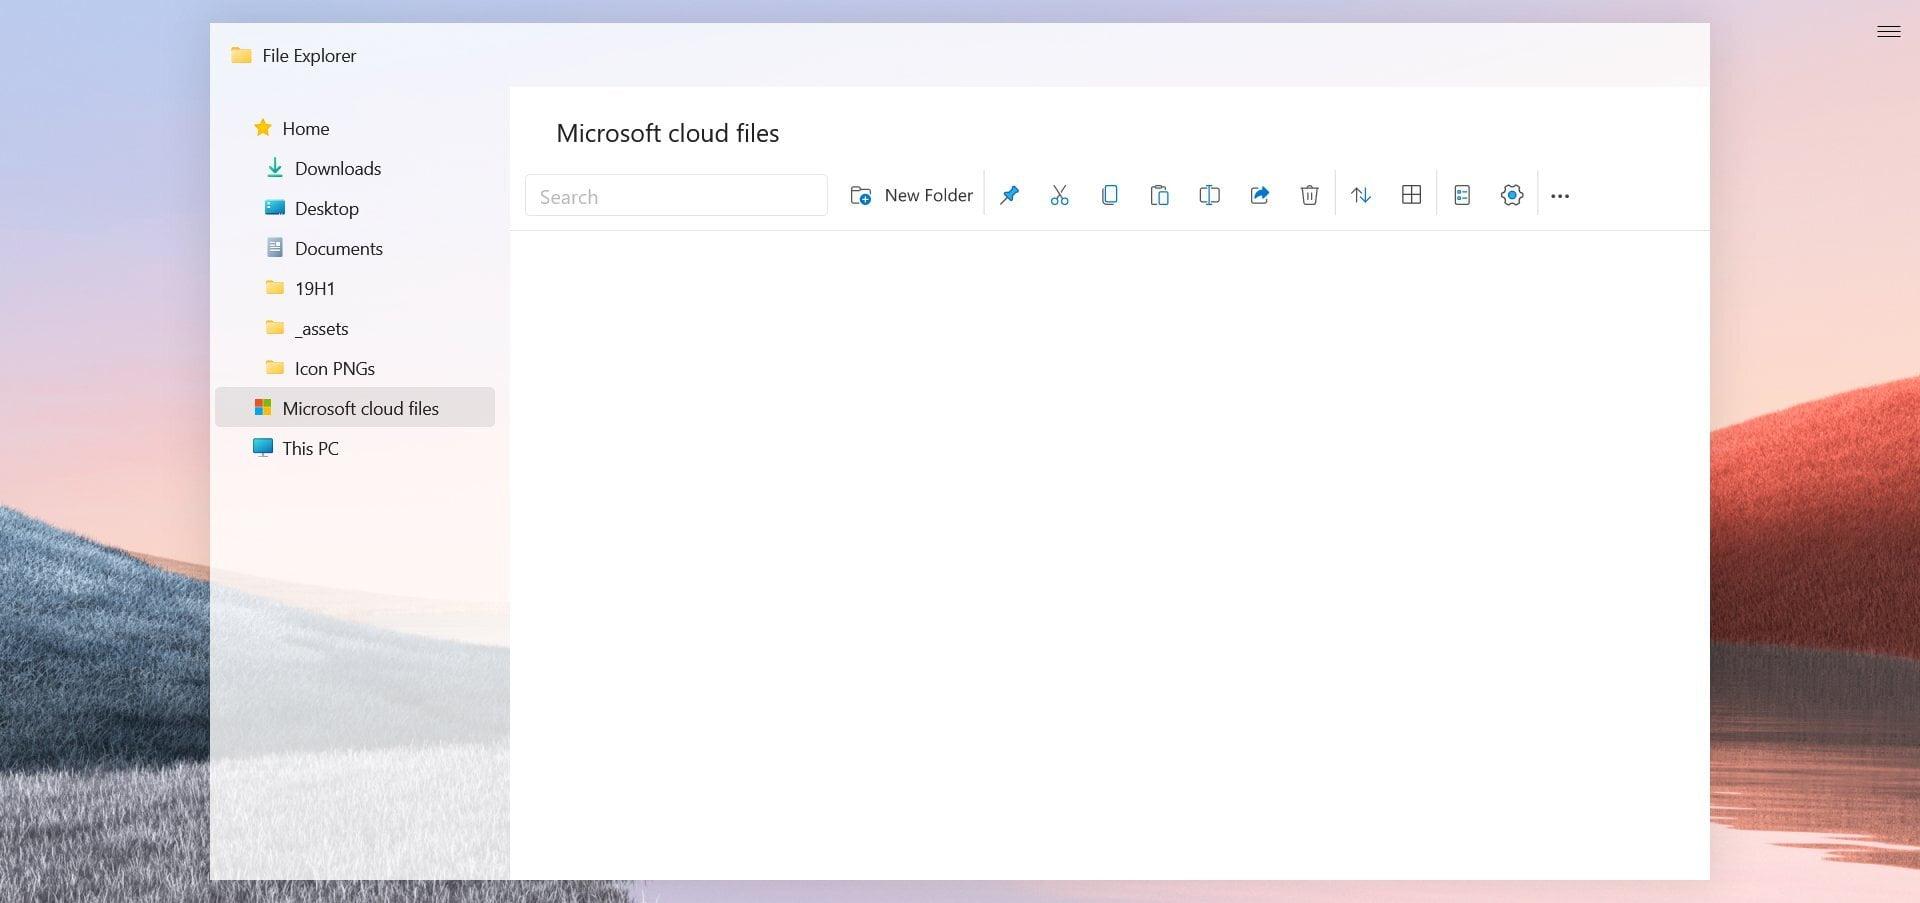 Así podría ser el Explorador de Archivos de Windows 10 Sun Valley